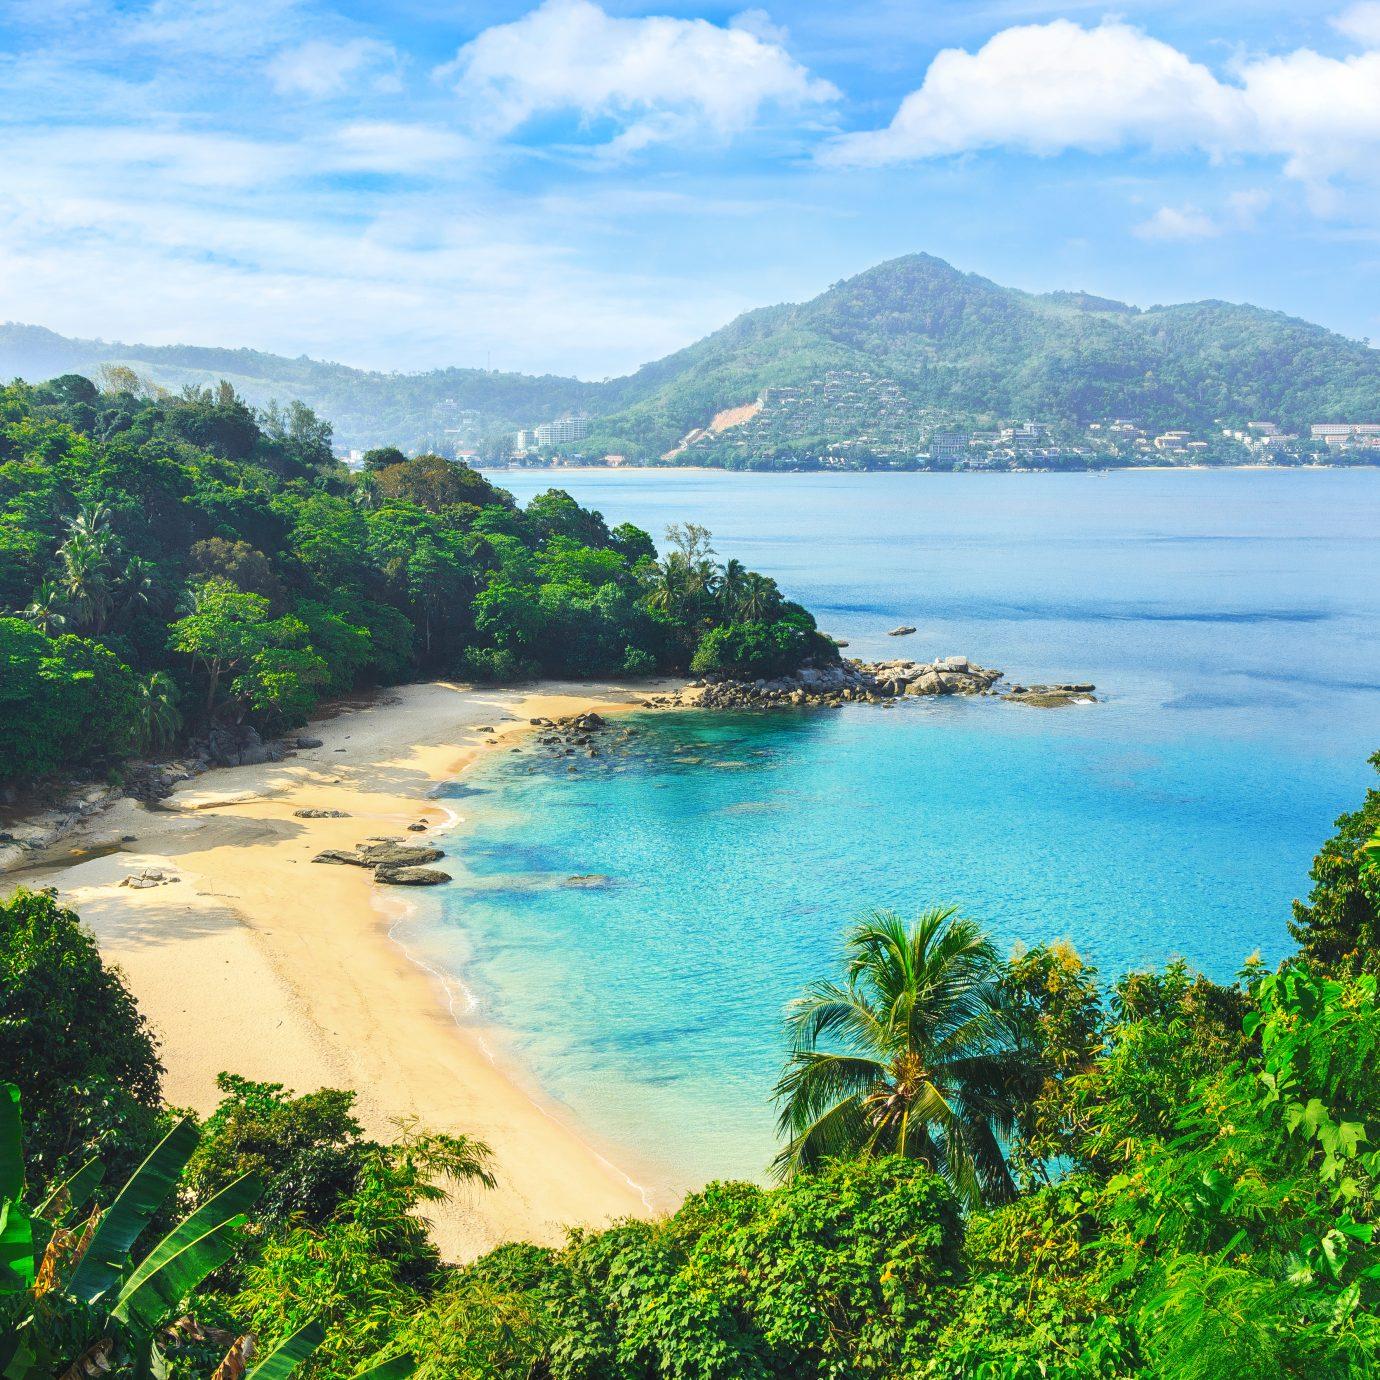 Exotic views through the jungle to Laem sing beach in Thailand